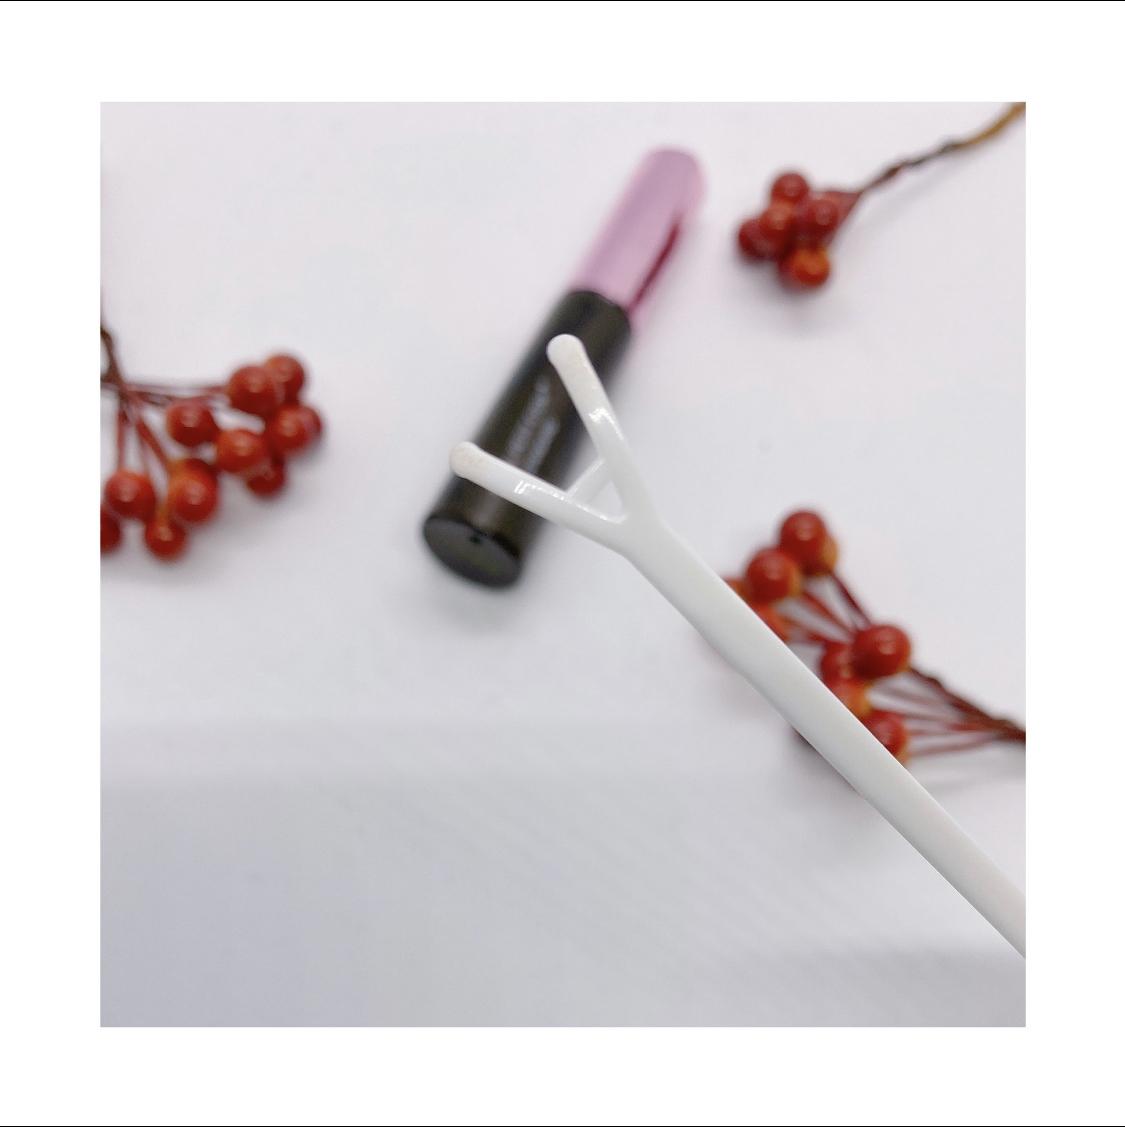 ROYAL(ローヤル)ローヤルプチアイム プラス スタンダードを使ったlacm1114さんのクチコミ画像2